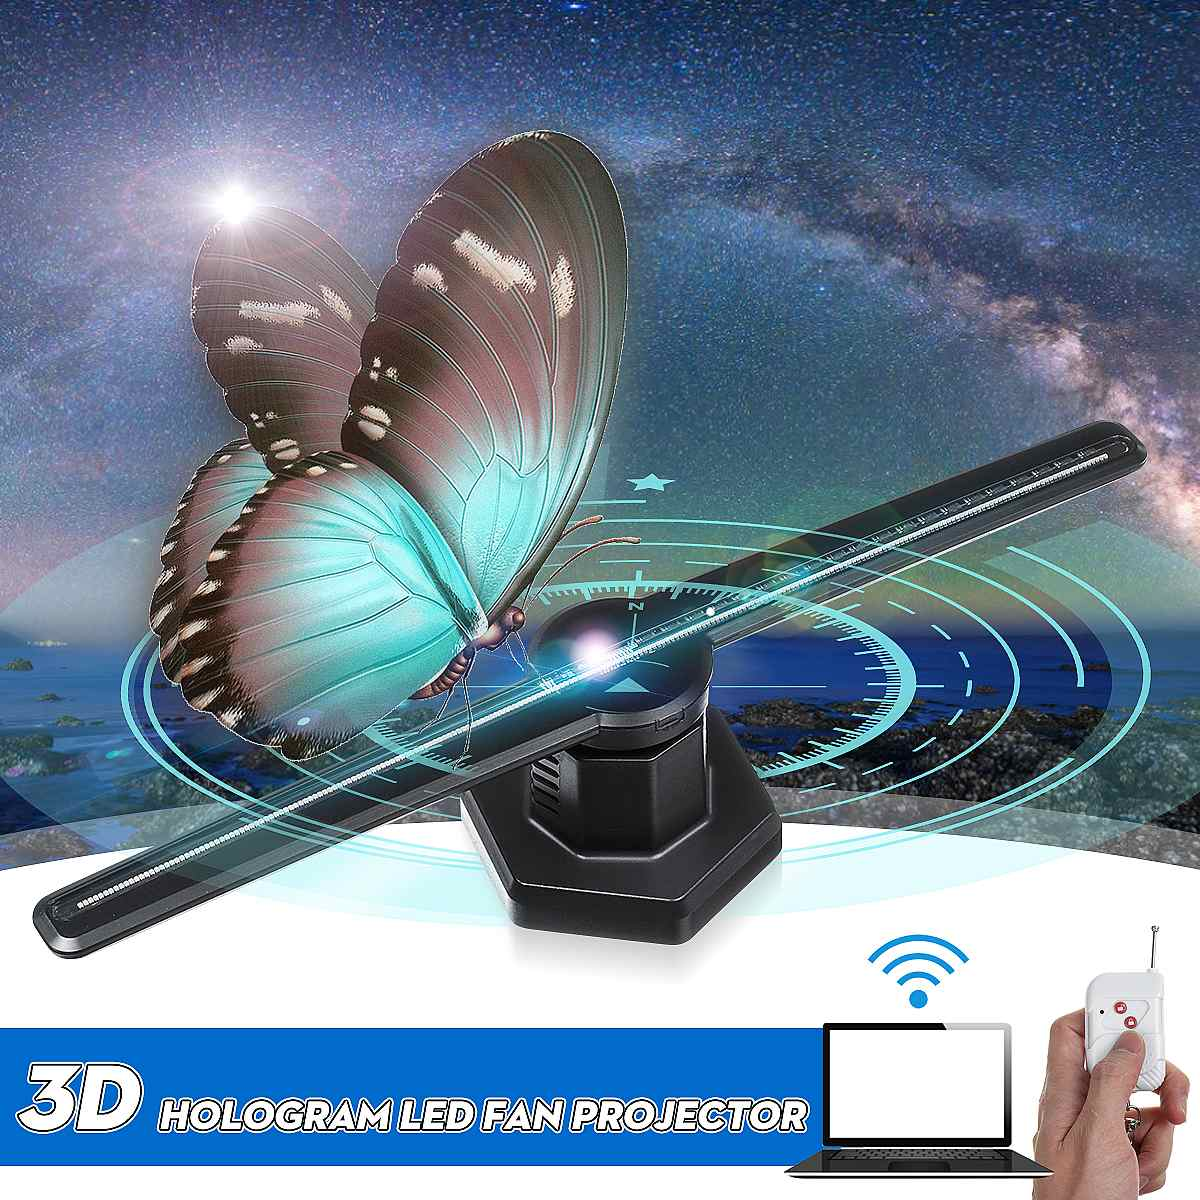 AC 100-240V 224LED Wifi 3D proyector holográfico reproductor de holograma pantalla LED lámpara de imagen ventilador LUZ DE PUBLICIDAD remoto control